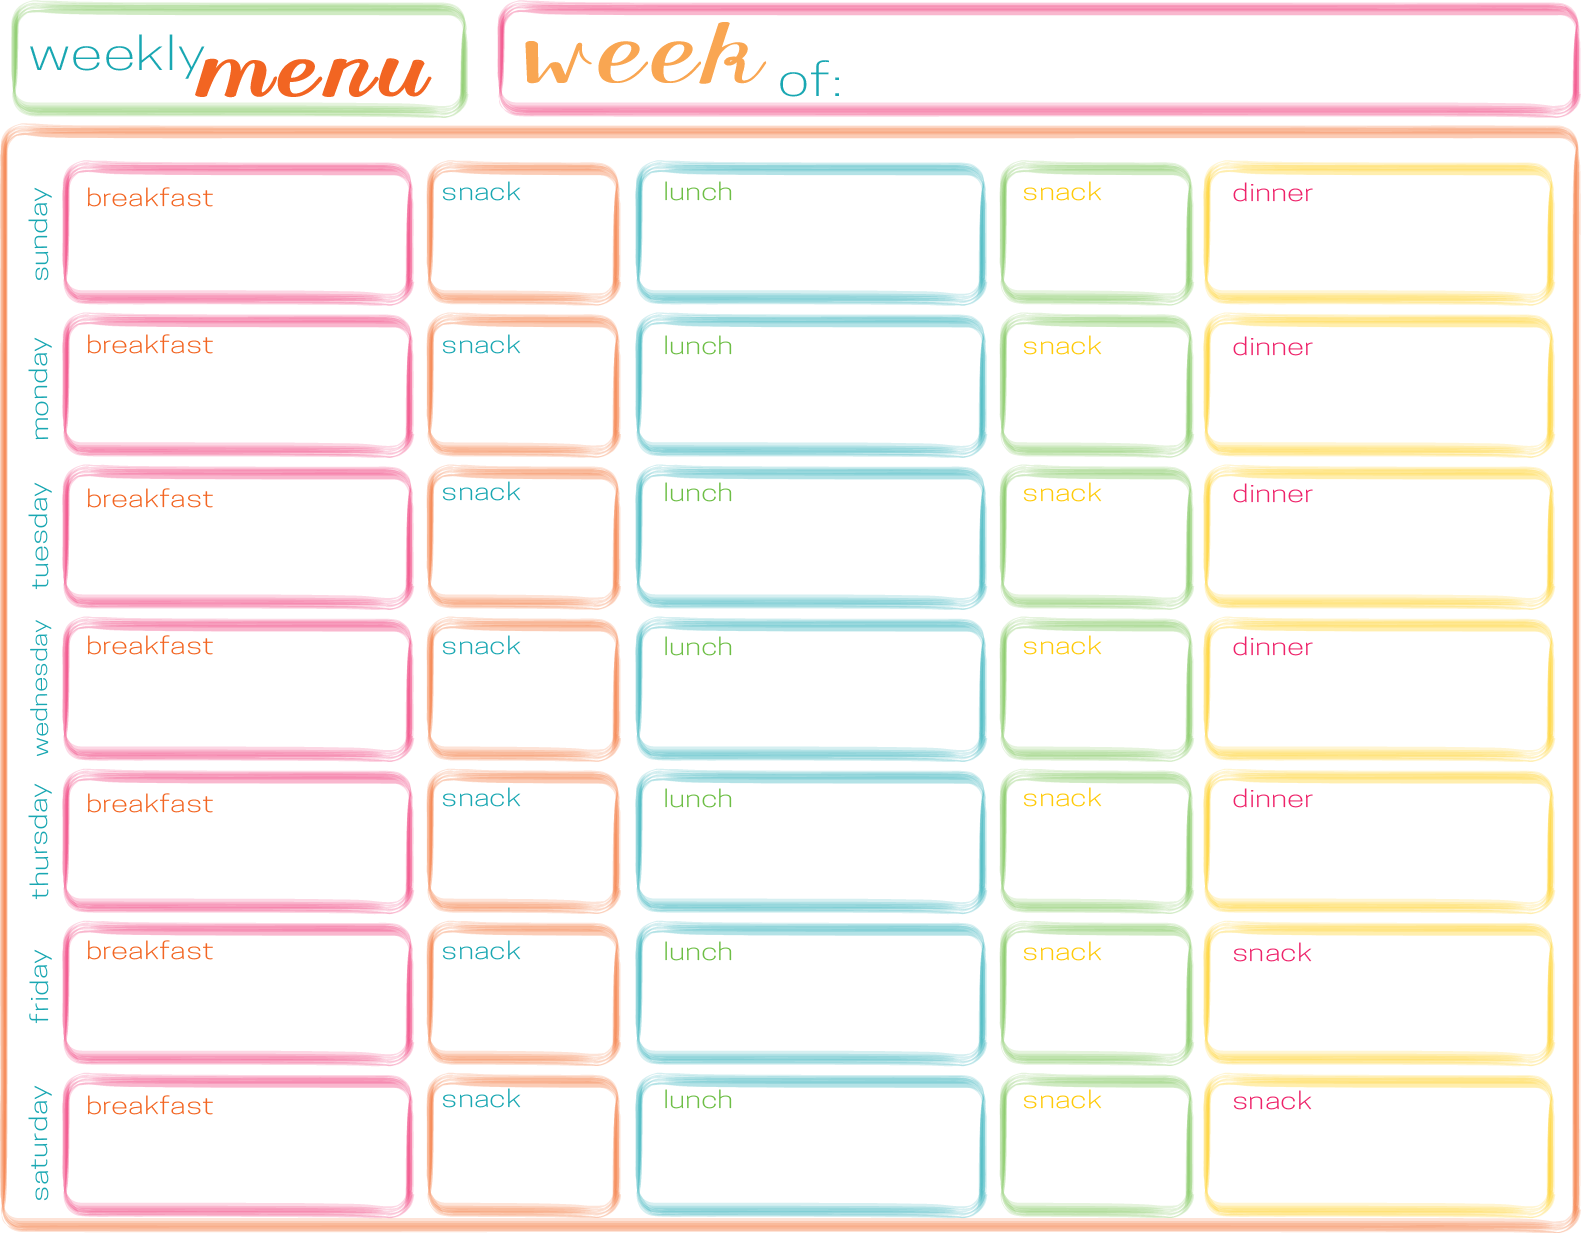 Weekly Meal Planner Template, Free Printable Weekly Menu Planner ...